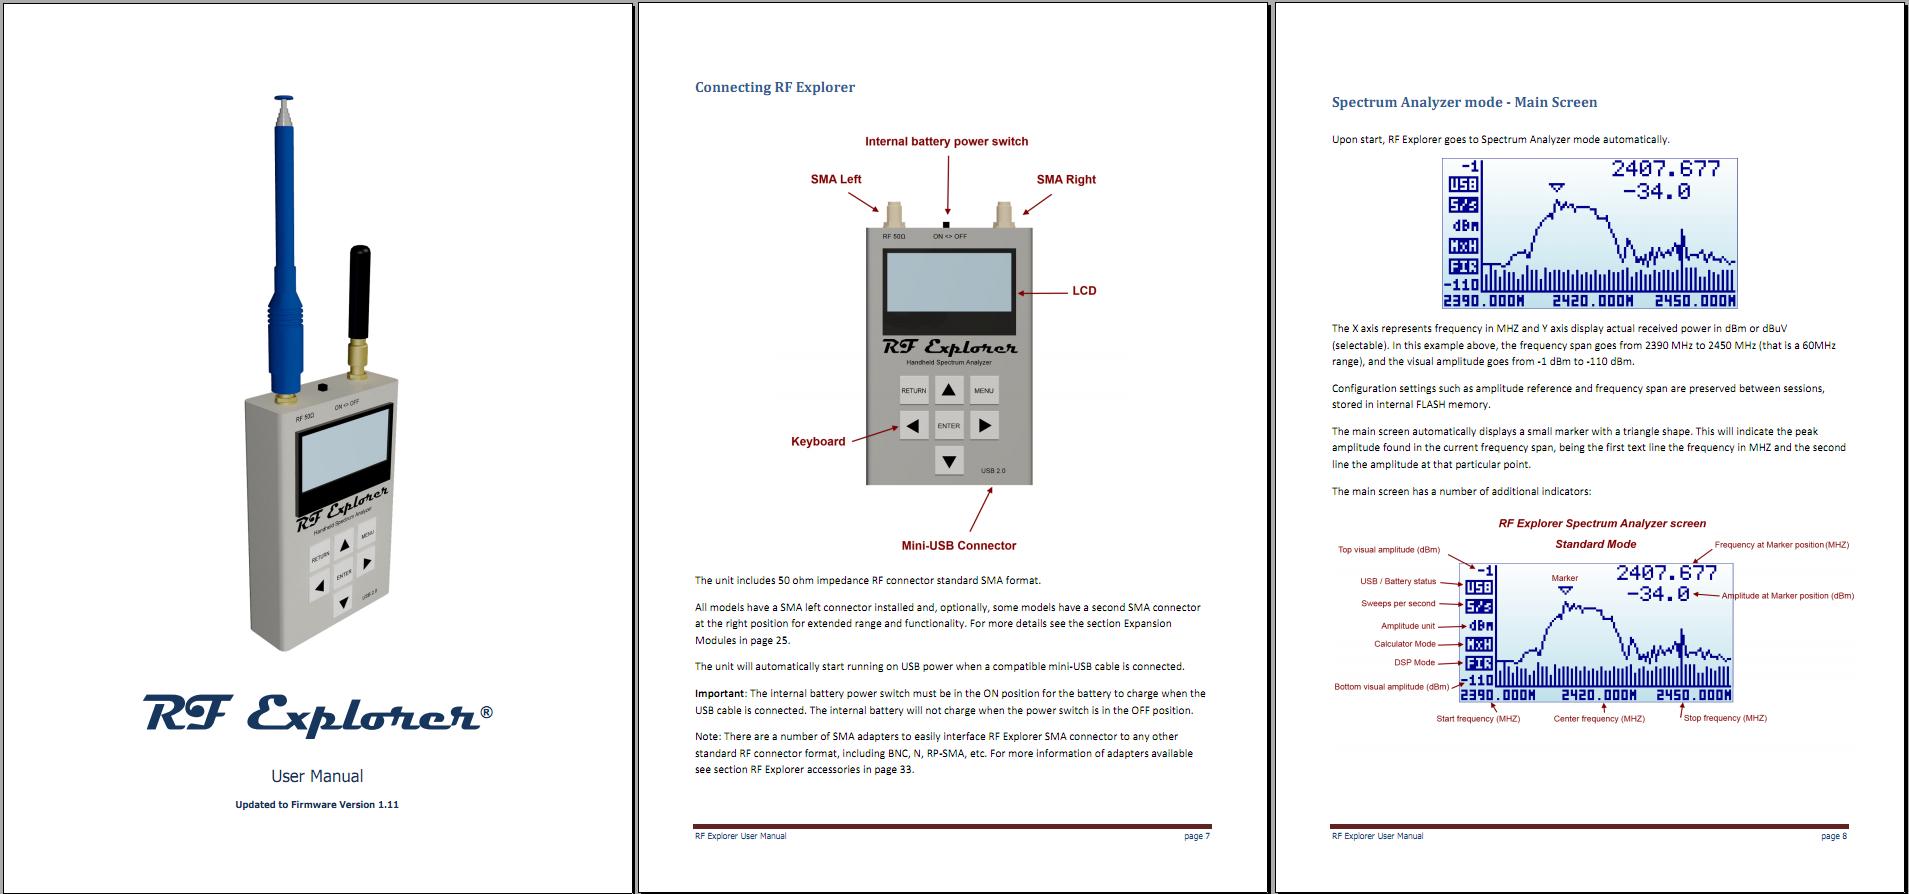 RF Explorer User Manual - updated